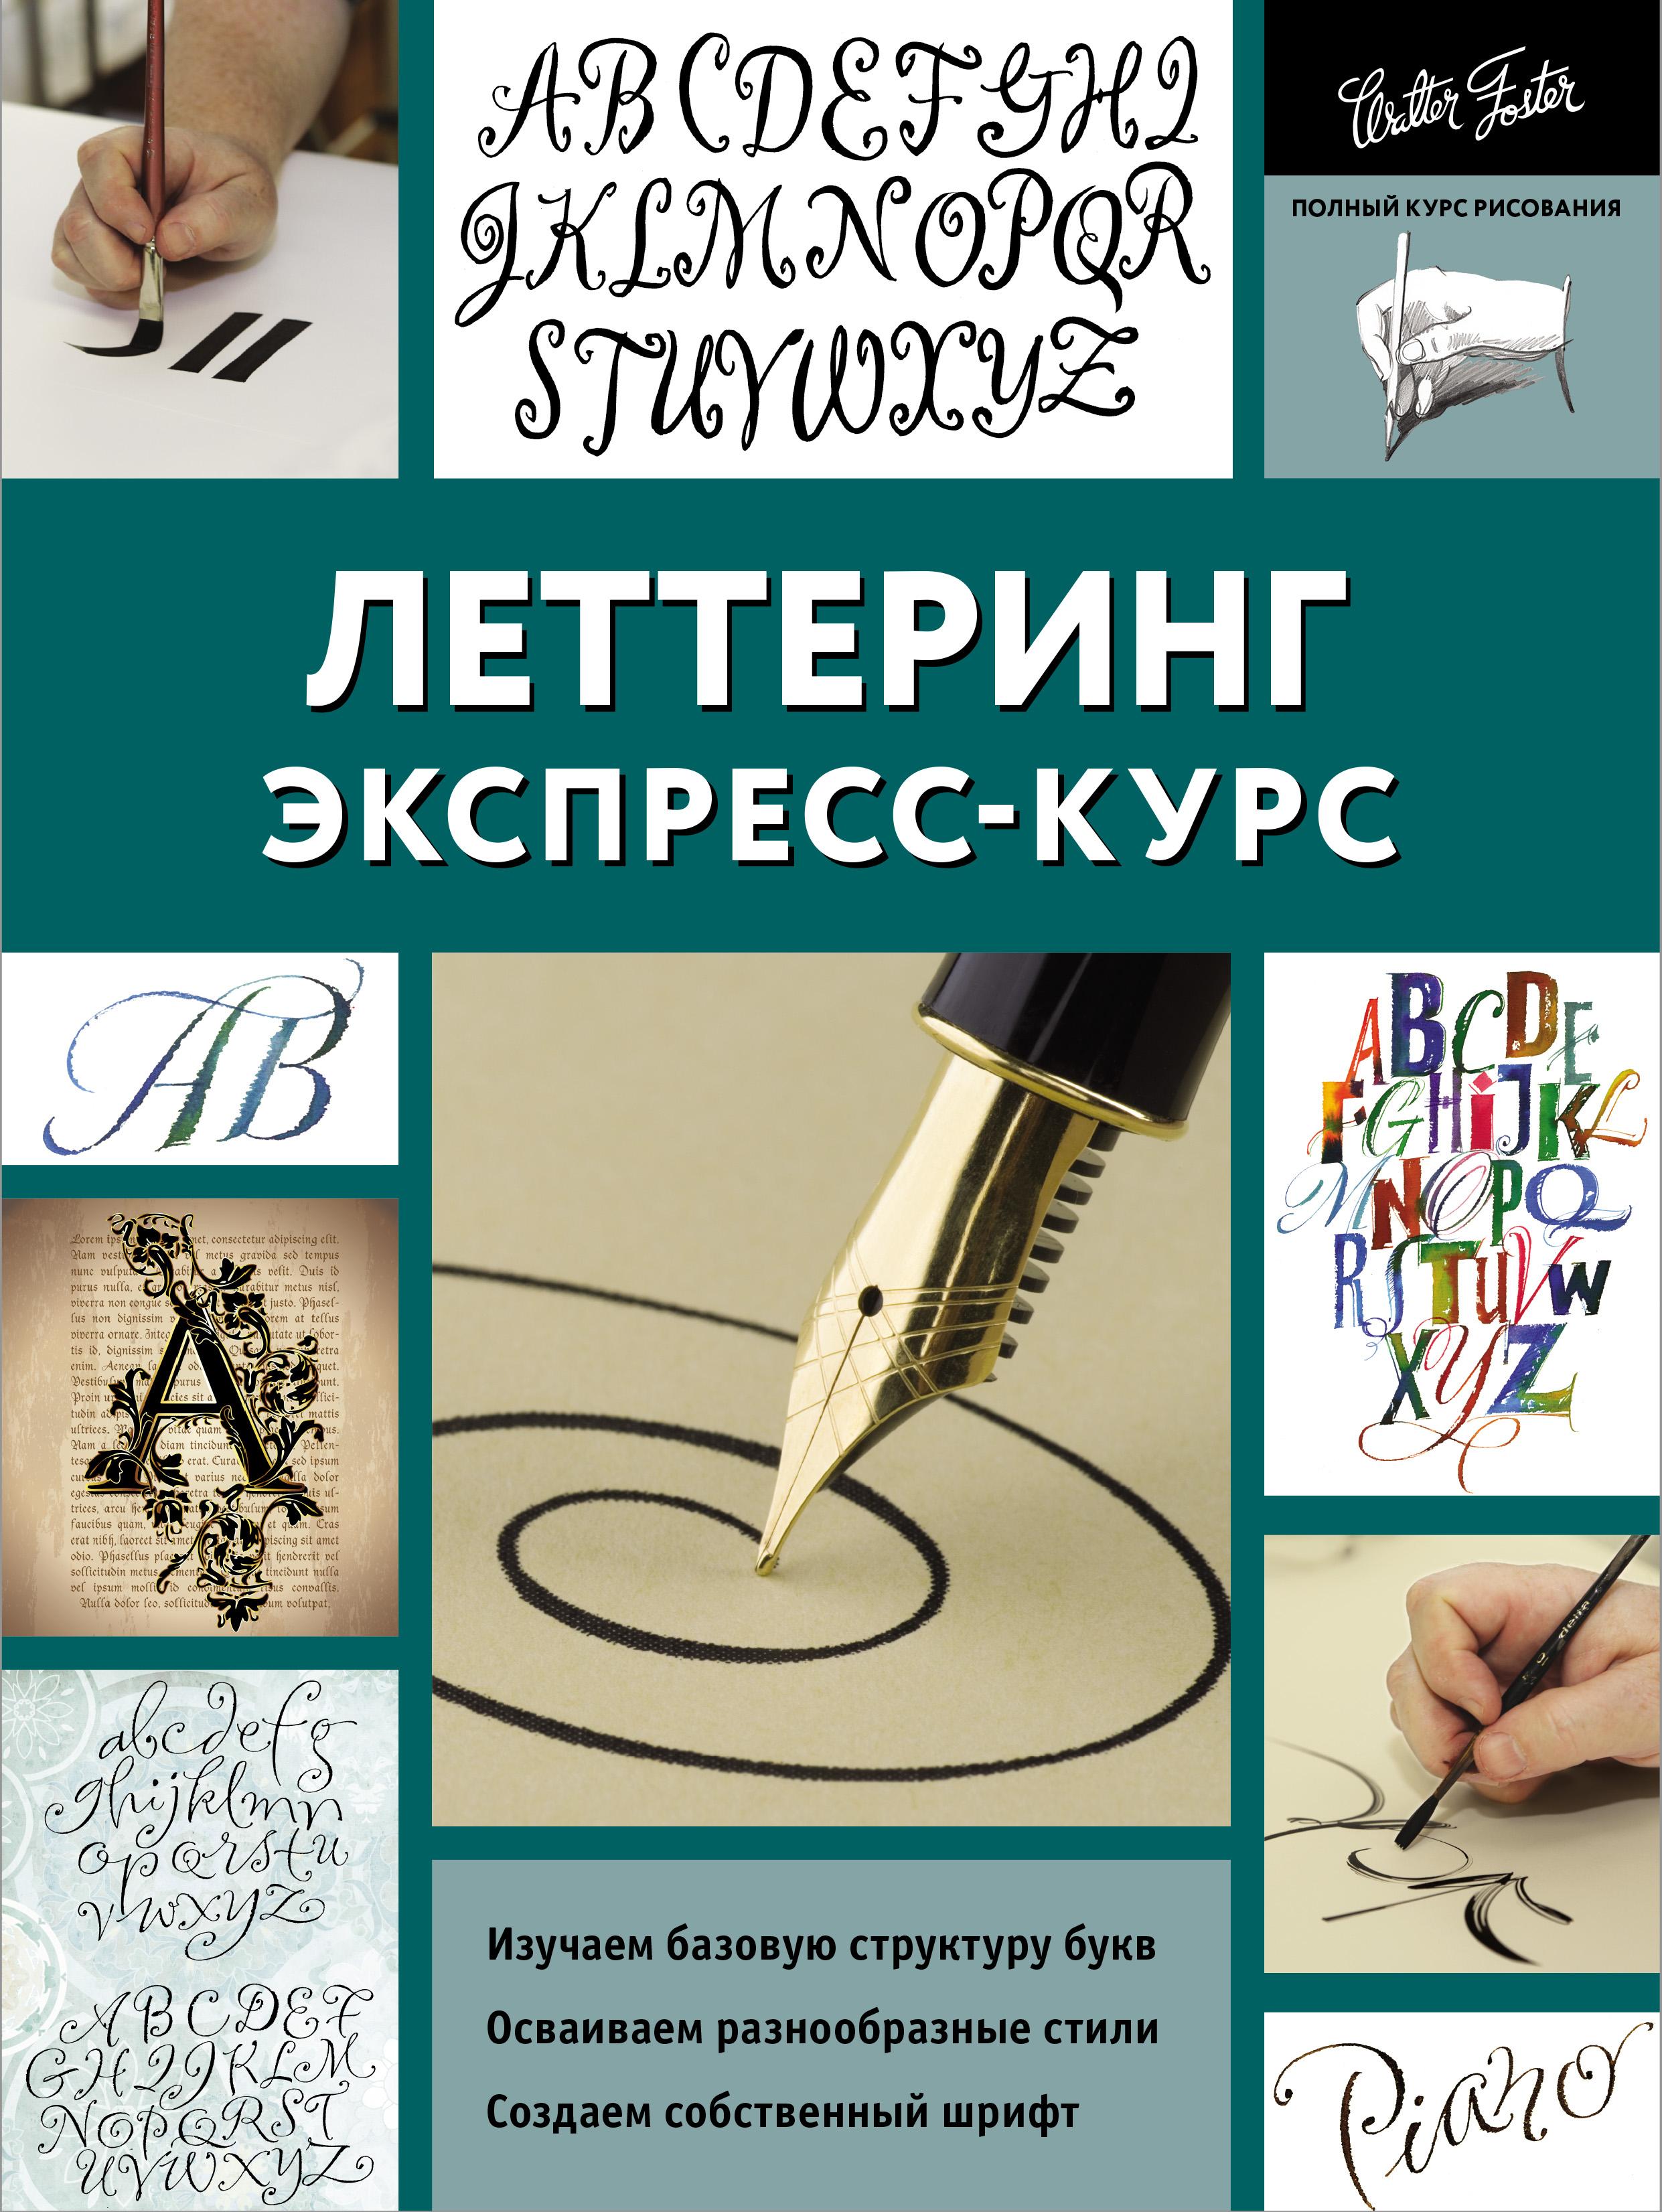 Леттеринг. Экспресс-курс прописи для каллиграфии в москве